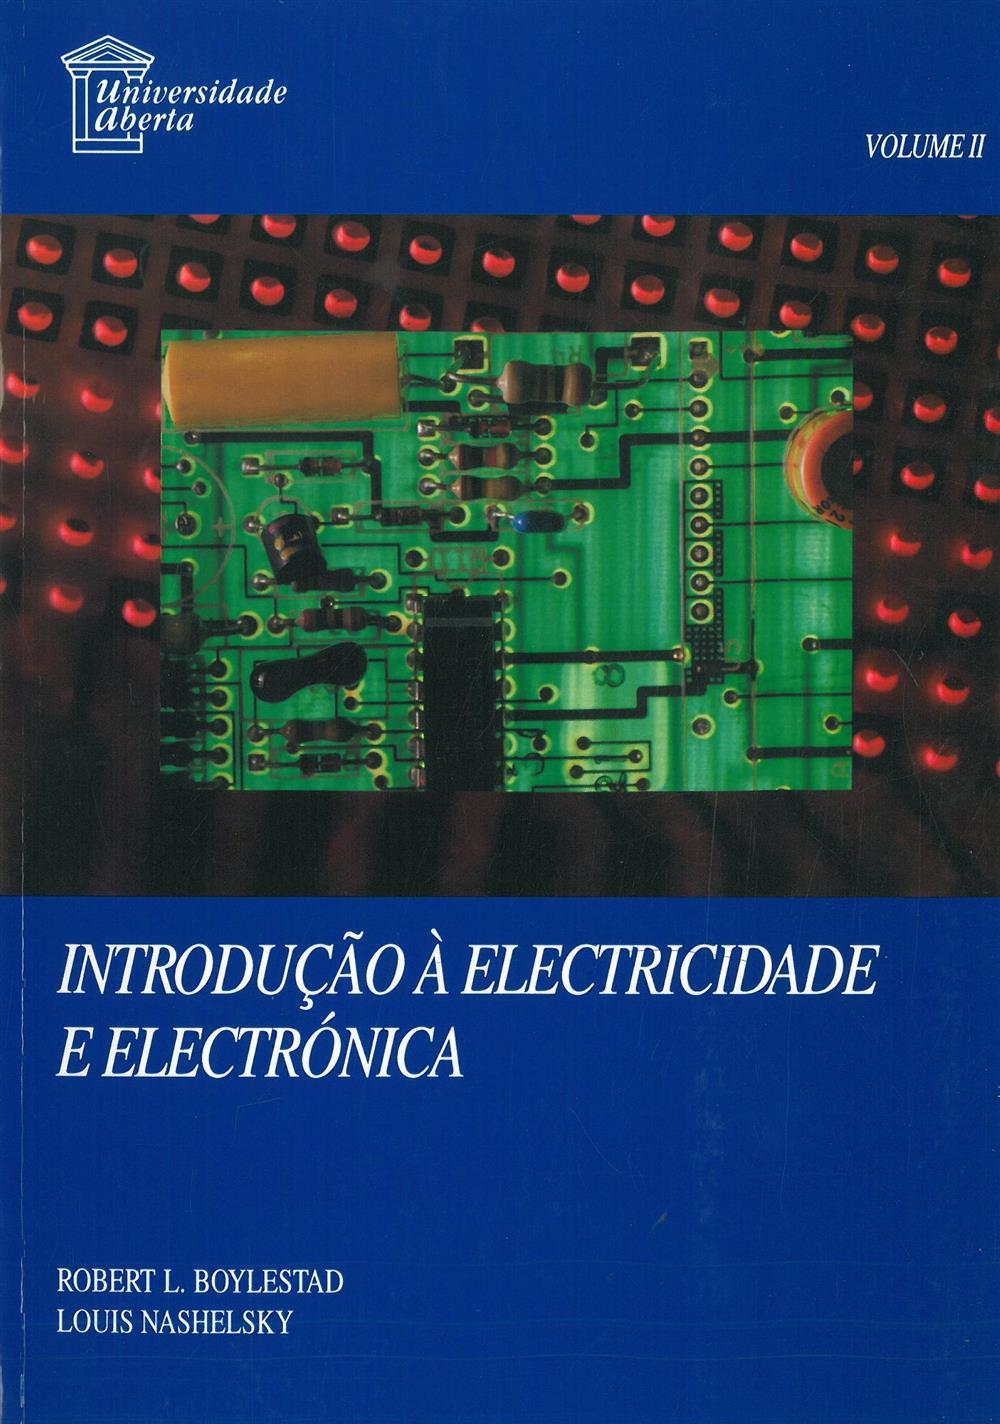 Introdução à electricidade e electrónica_.jpg